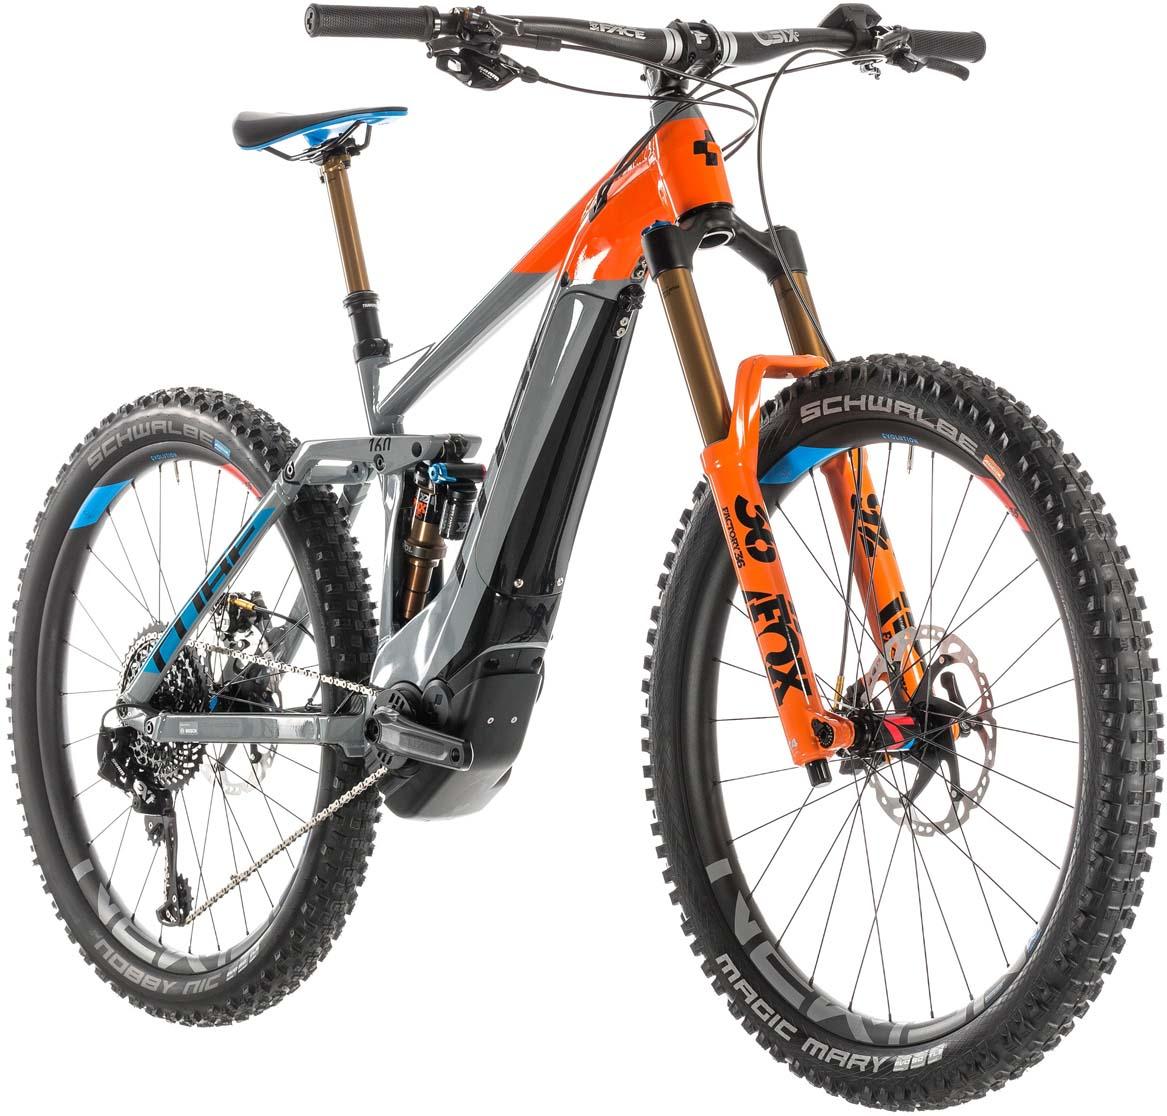 cube stereo hybrid e bike fully mtbs online shopping mhw